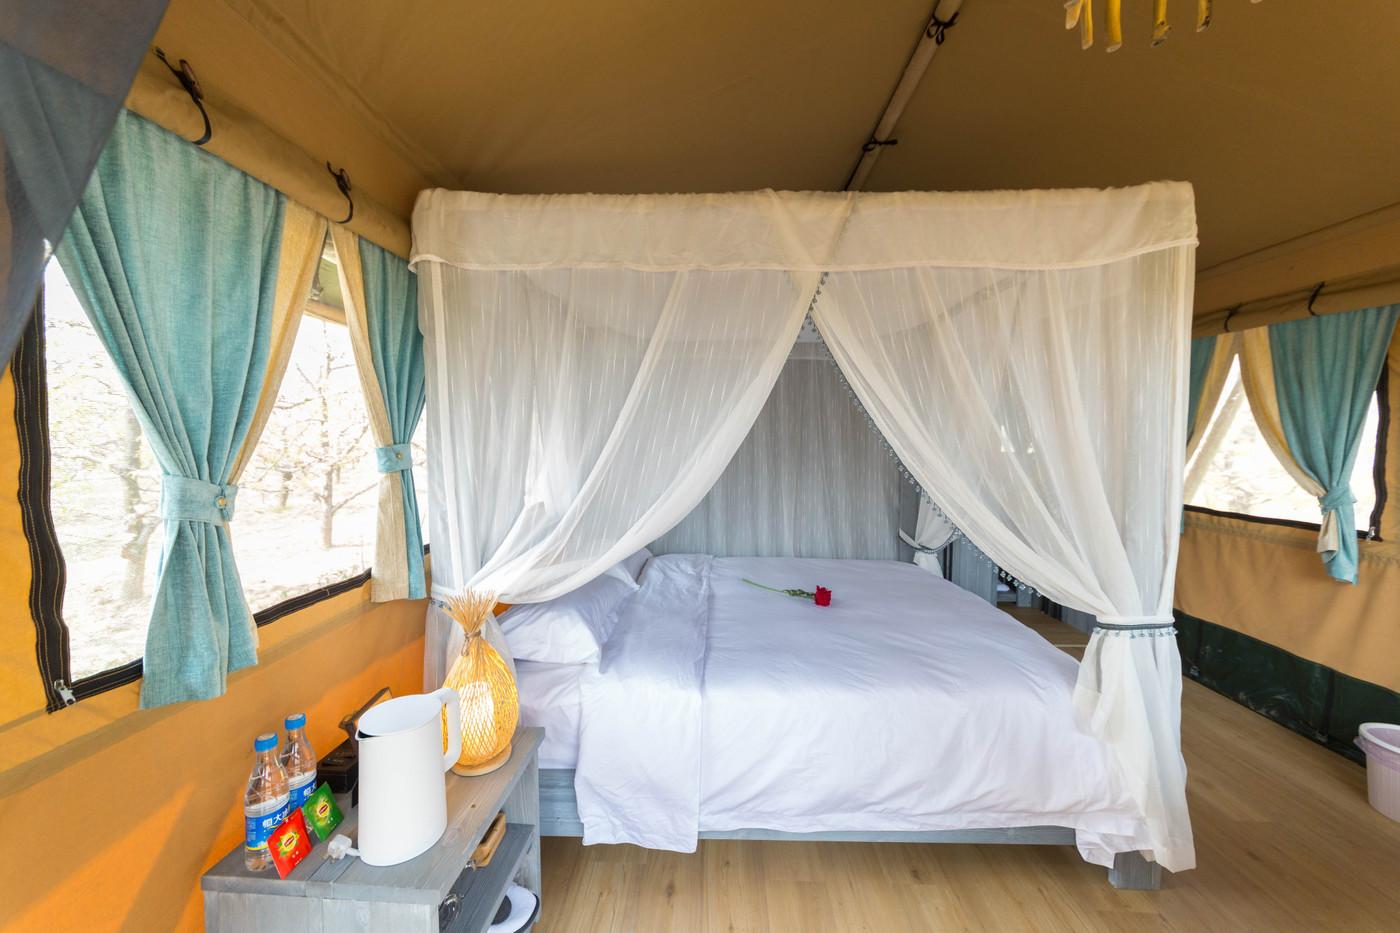 喜马拉雅野奢帐篷酒店—安徽砀山 东篱蓬芦(梨园41平)23